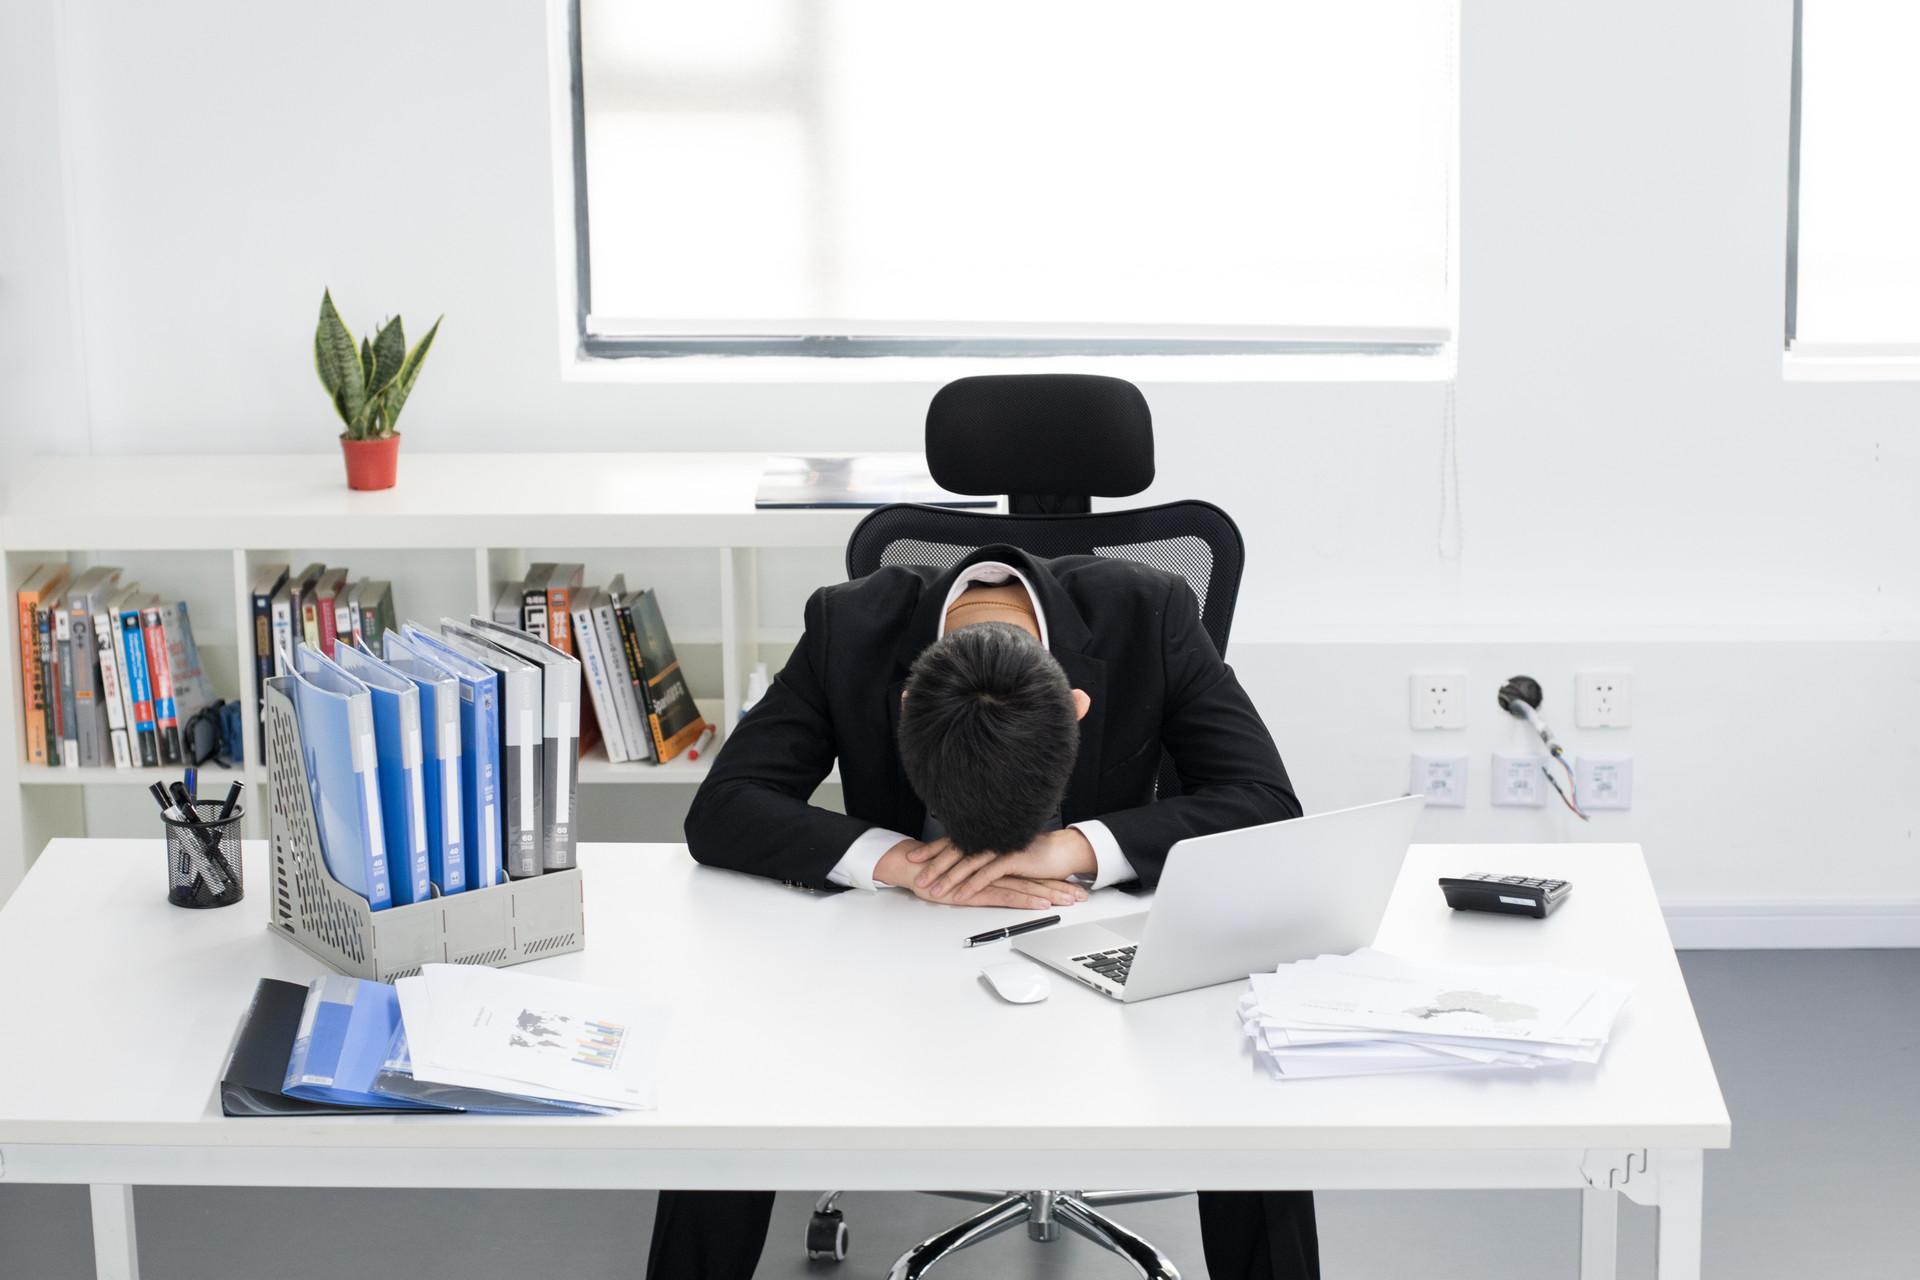 使用微信工资条 企业财务人员微信时代提高工作效率的明智选择